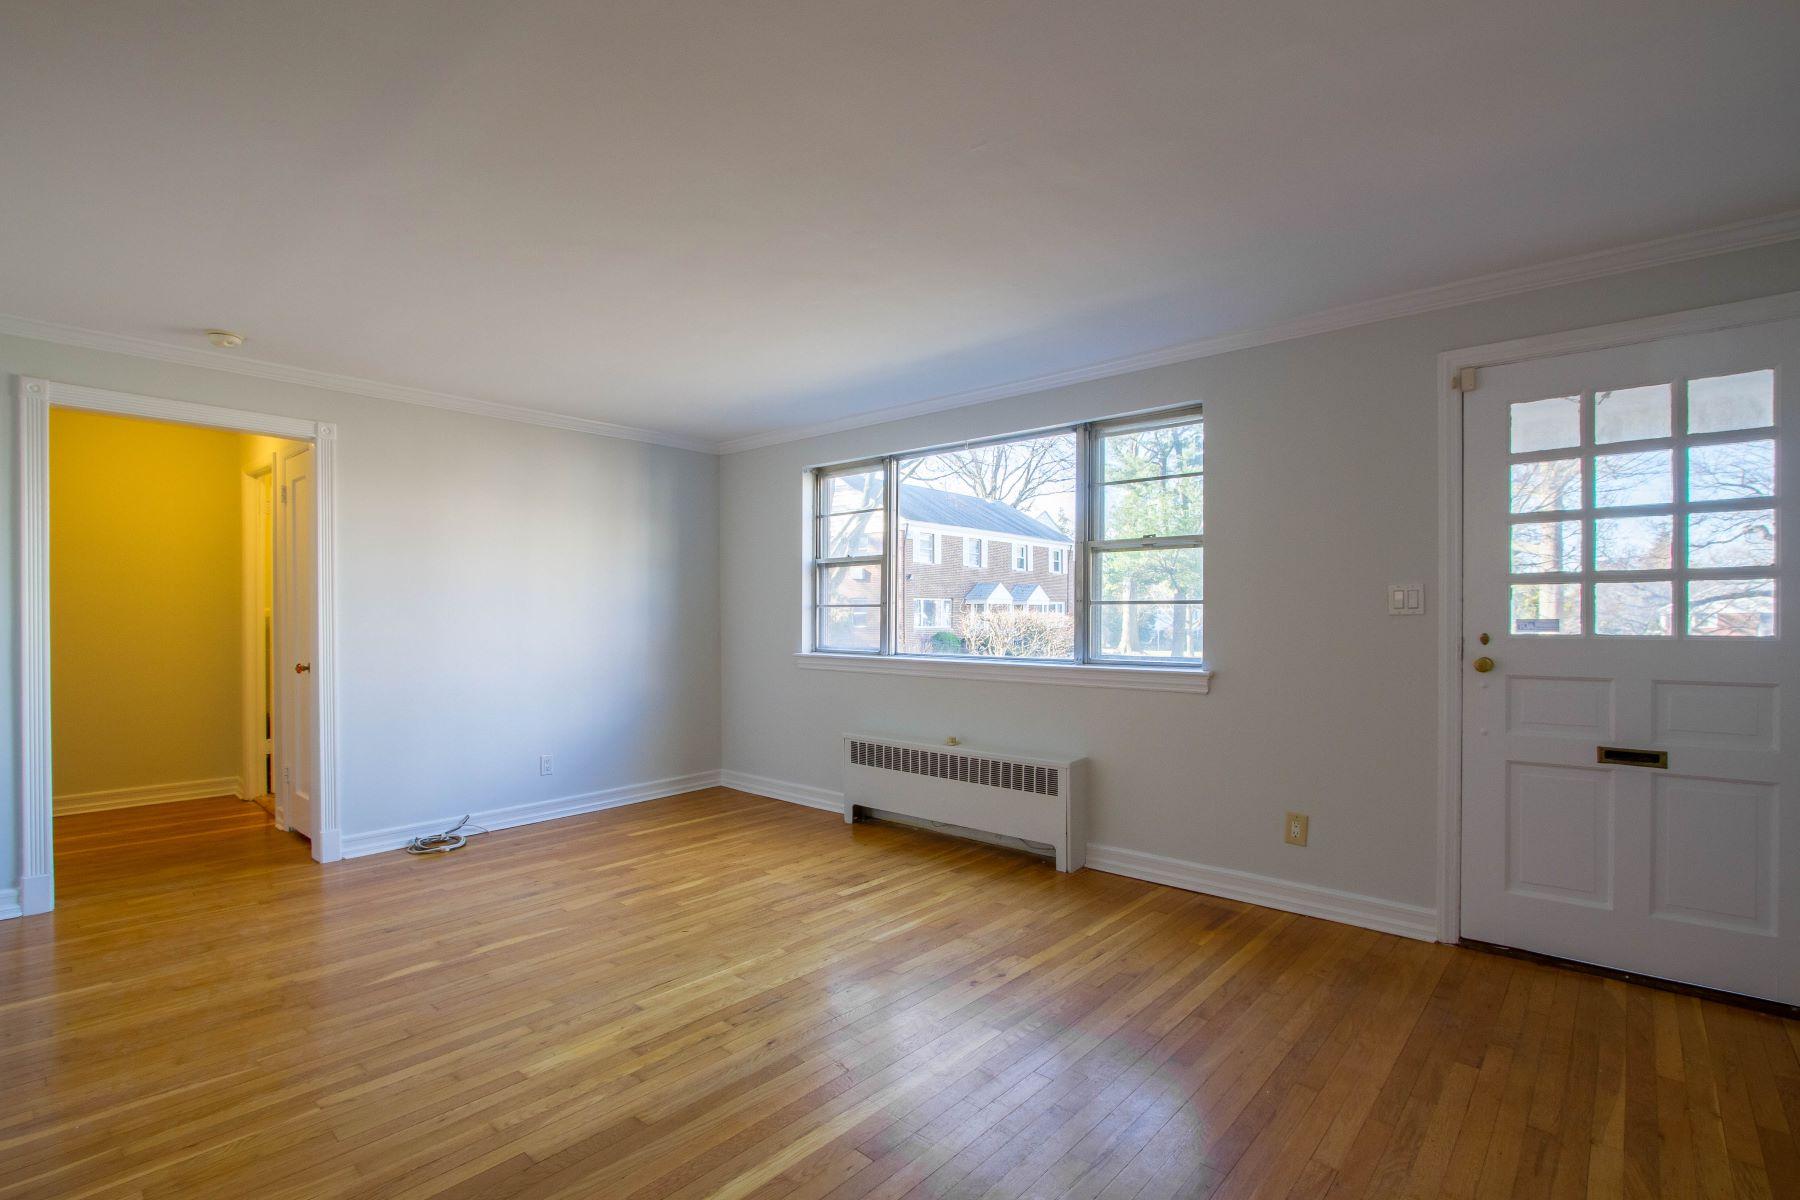 共管式独立产权公寓 为 销售 在 99 Manor Drive 雷德班克, 新泽西州, 07701 美国